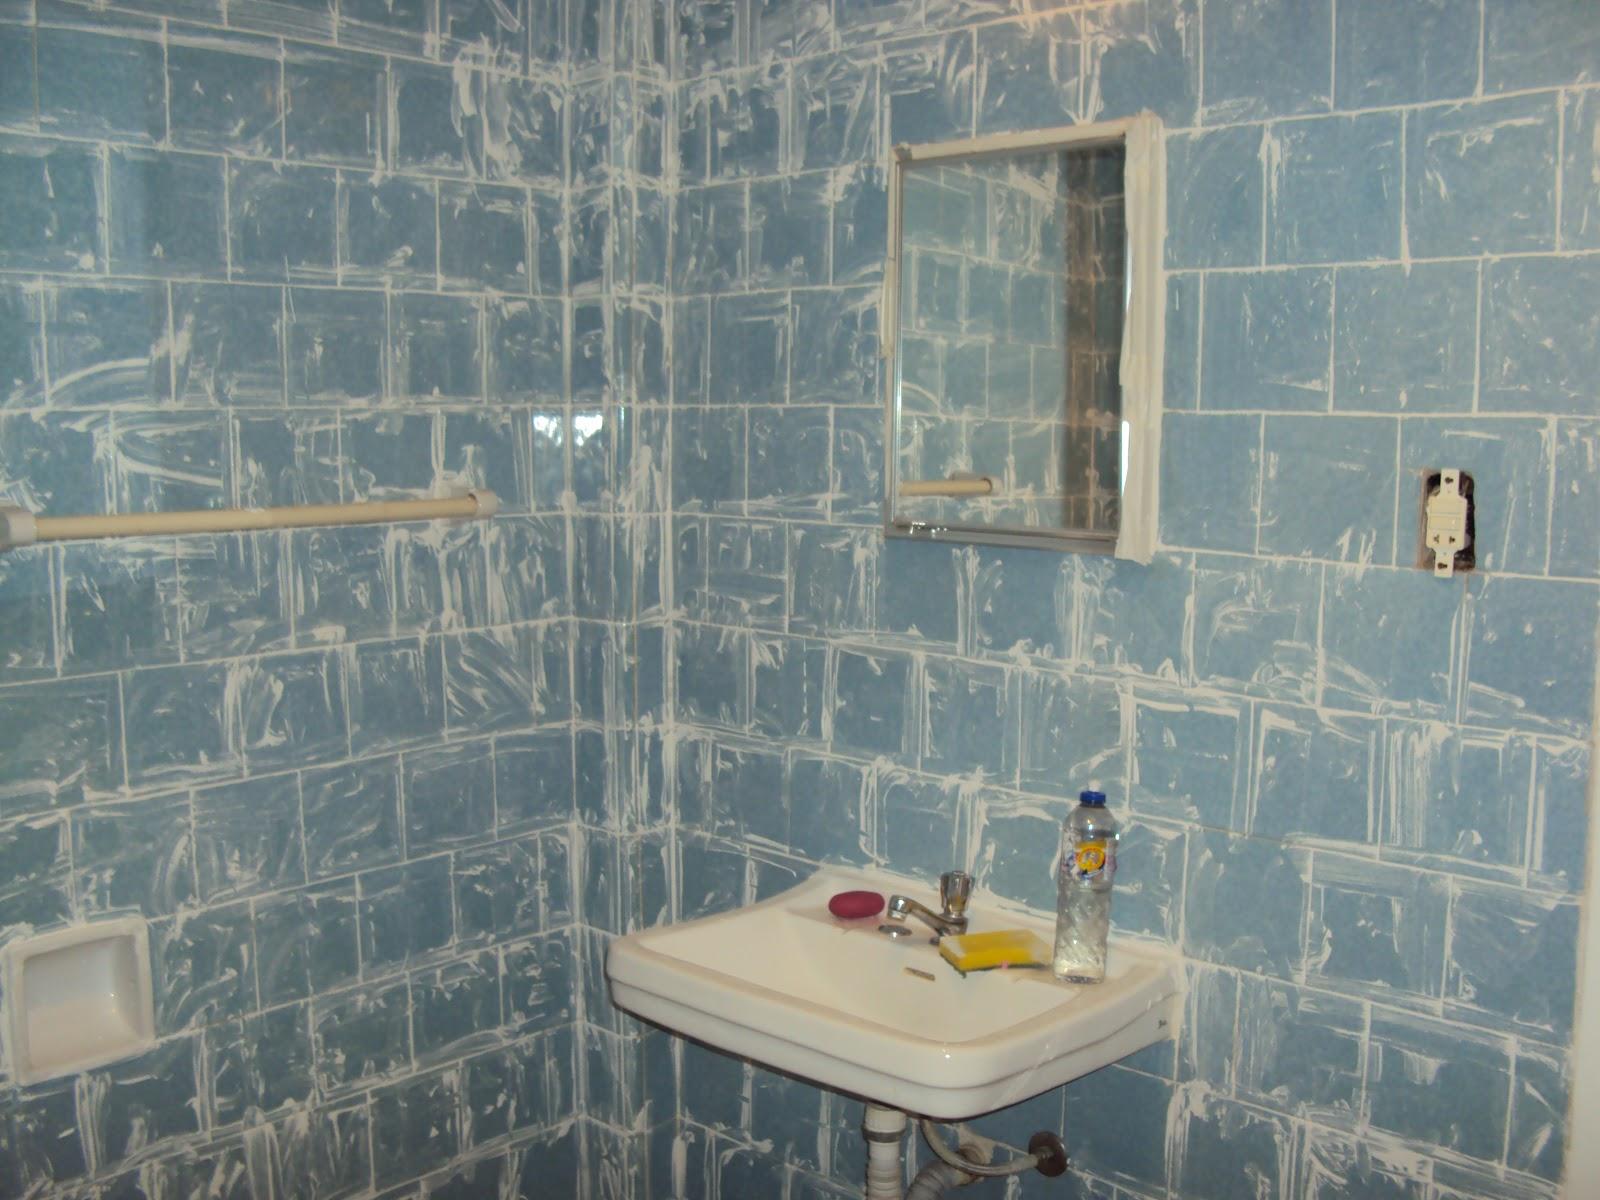 dica: não espere a tinta secar para retirar a fita crepe ou a tinta  #786B53 1600x1200 Banheiro Azulejo Ou Tinta